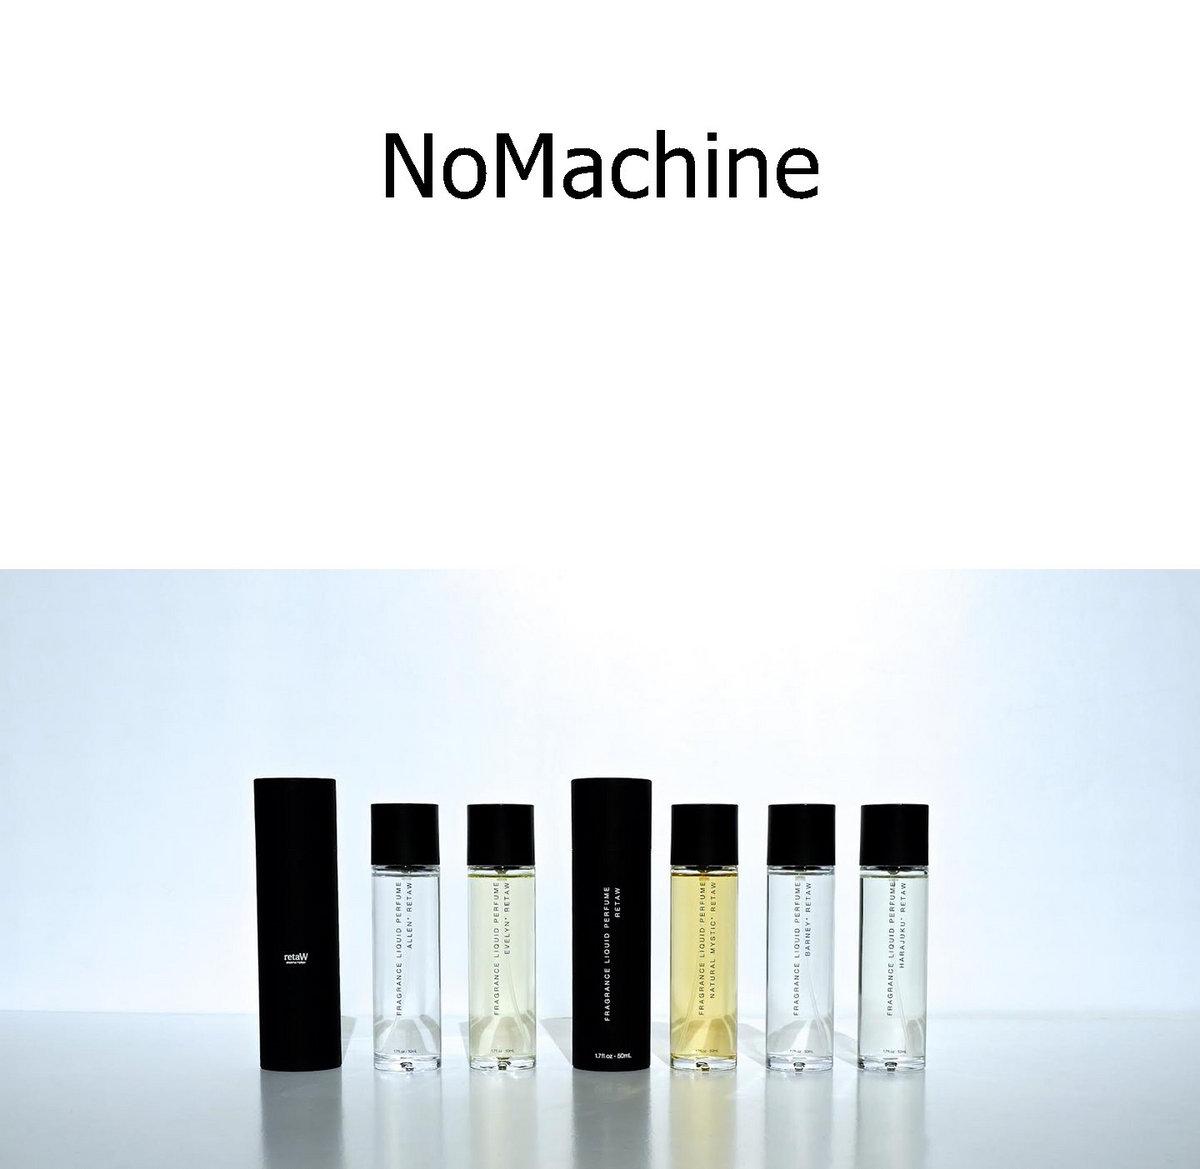 keygenアプリケーション NoMachine 6 7 6 取得ウイルスなし